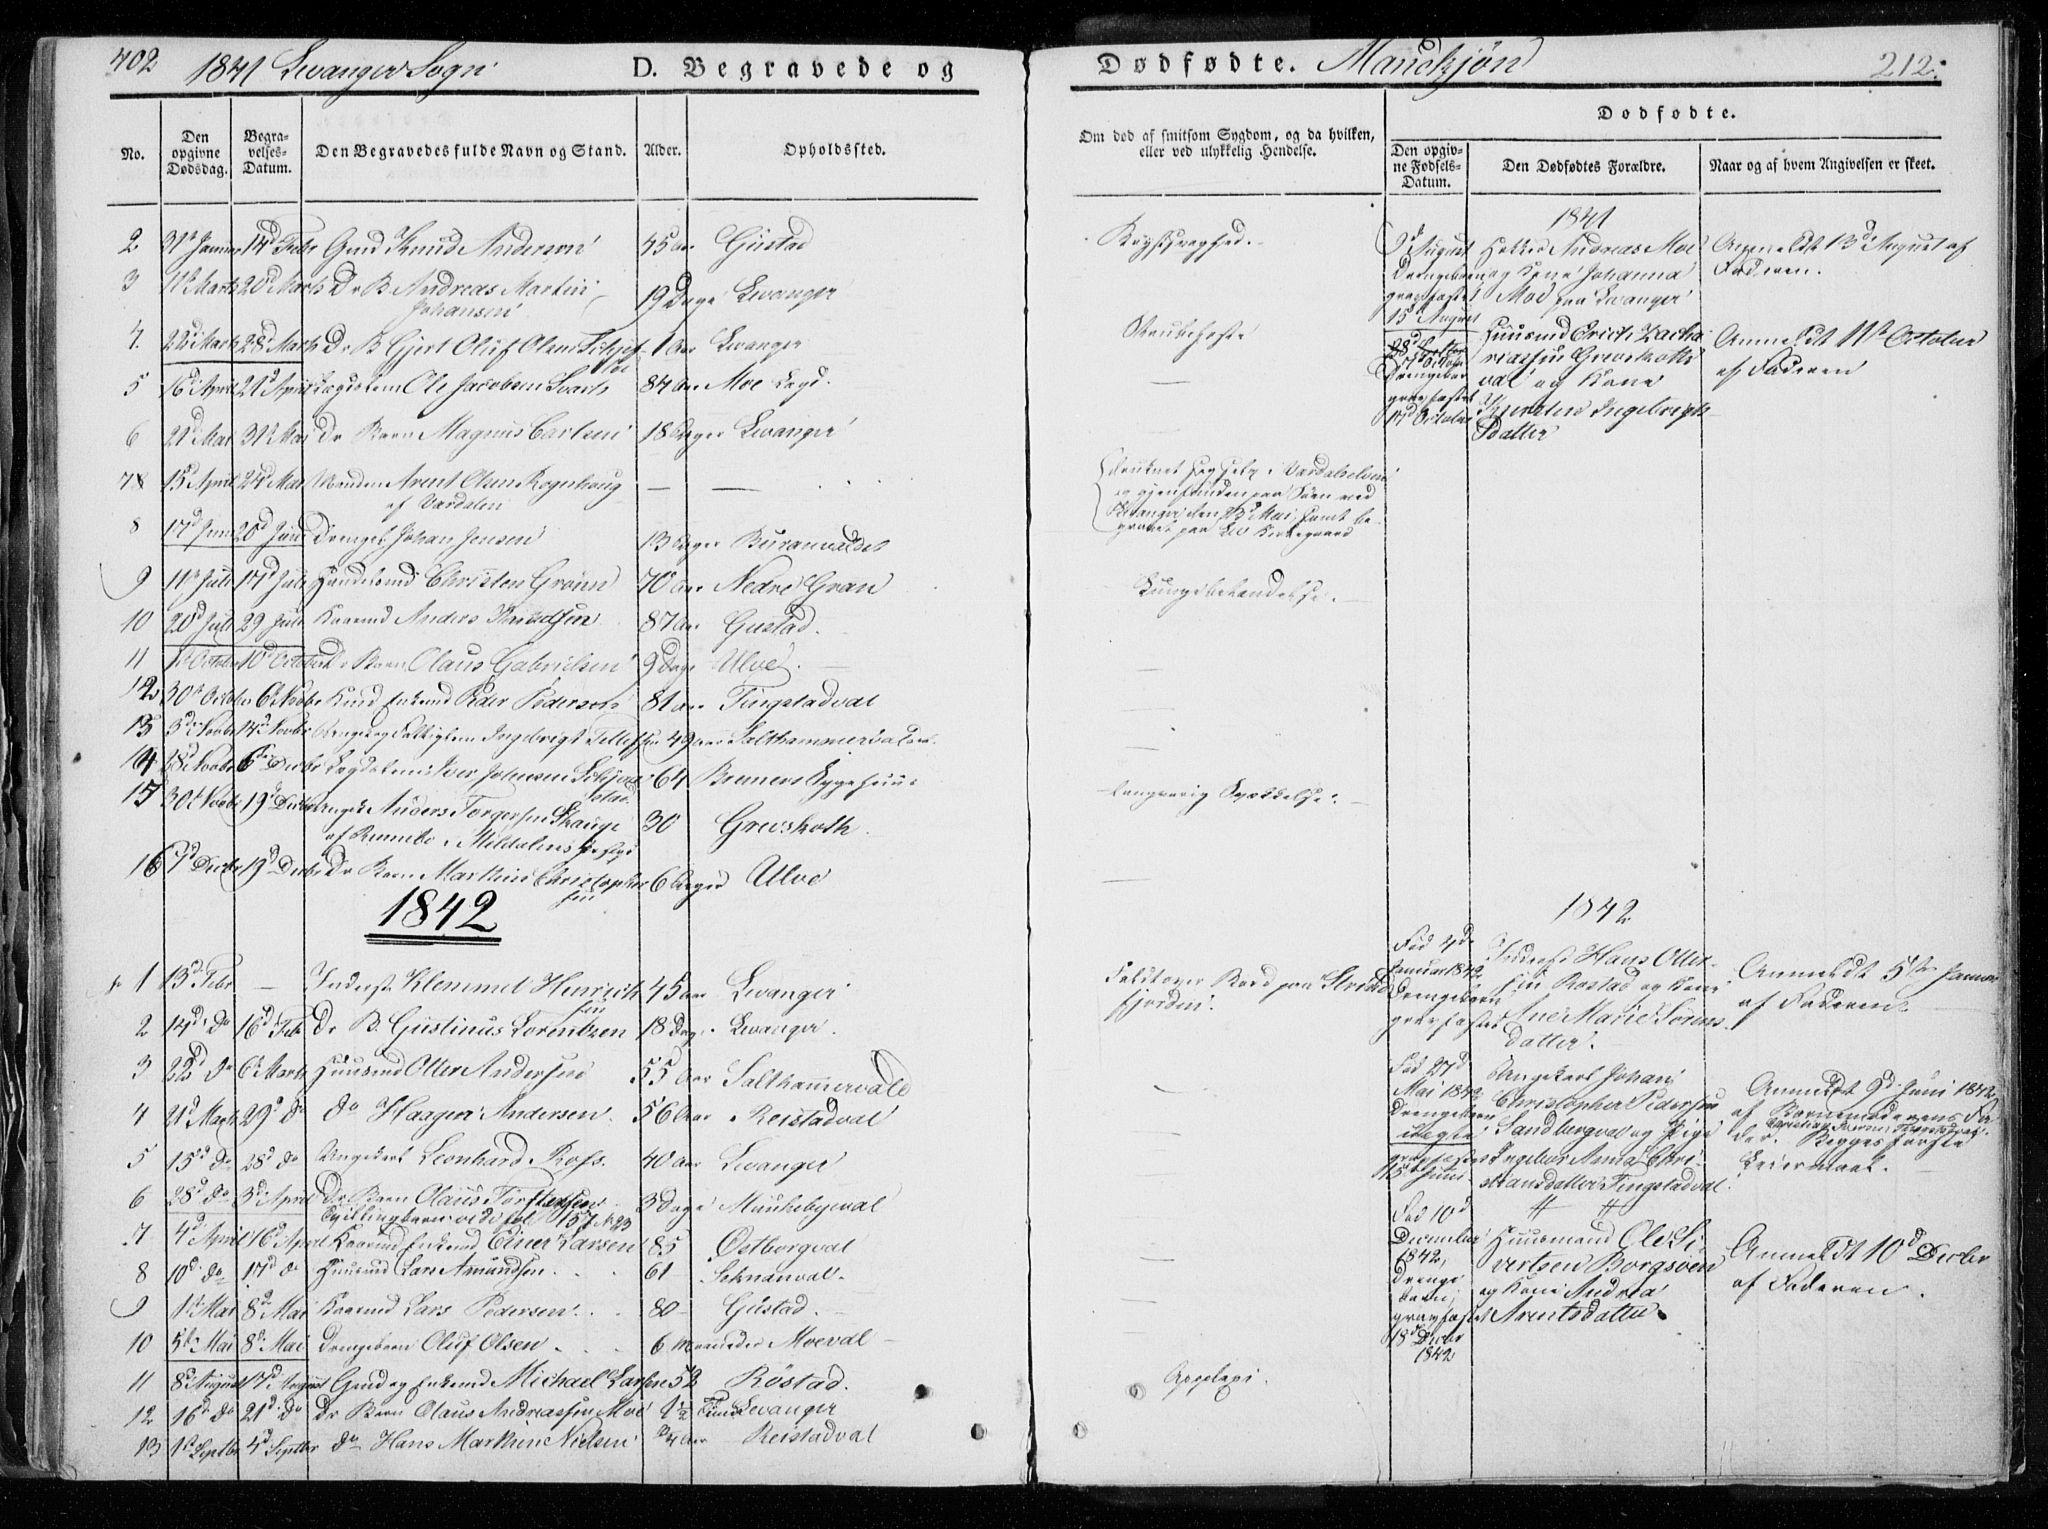 SAT, Ministerialprotokoller, klokkerbøker og fødselsregistre - Nord-Trøndelag, 720/L0183: Ministerialbok nr. 720A01, 1836-1855, s. 212